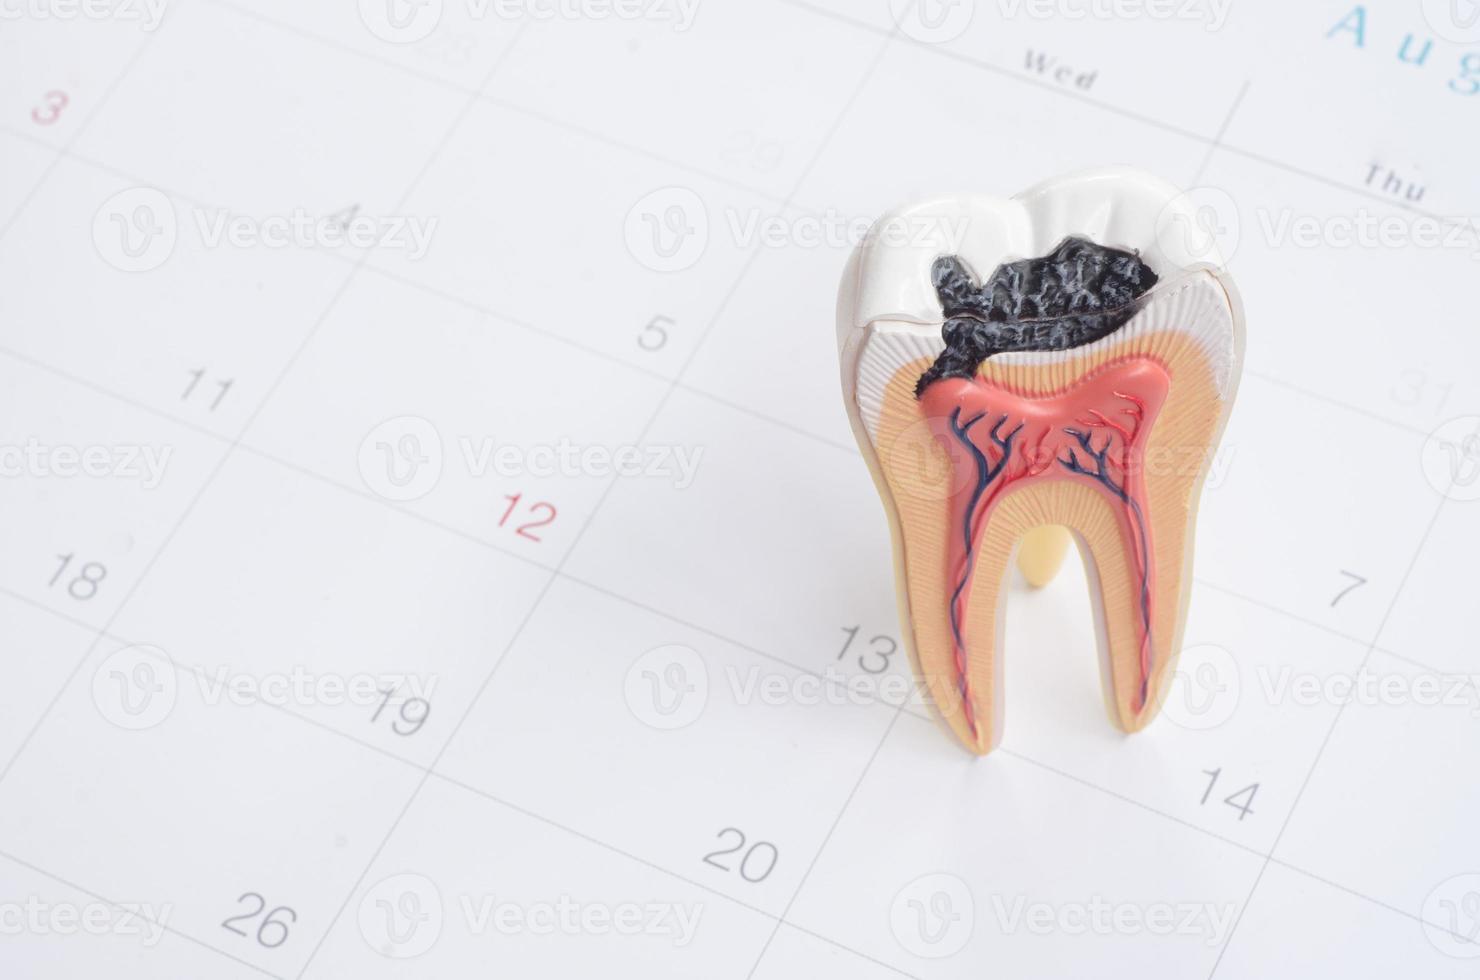 nota de consulta ao dentista no calendário foto